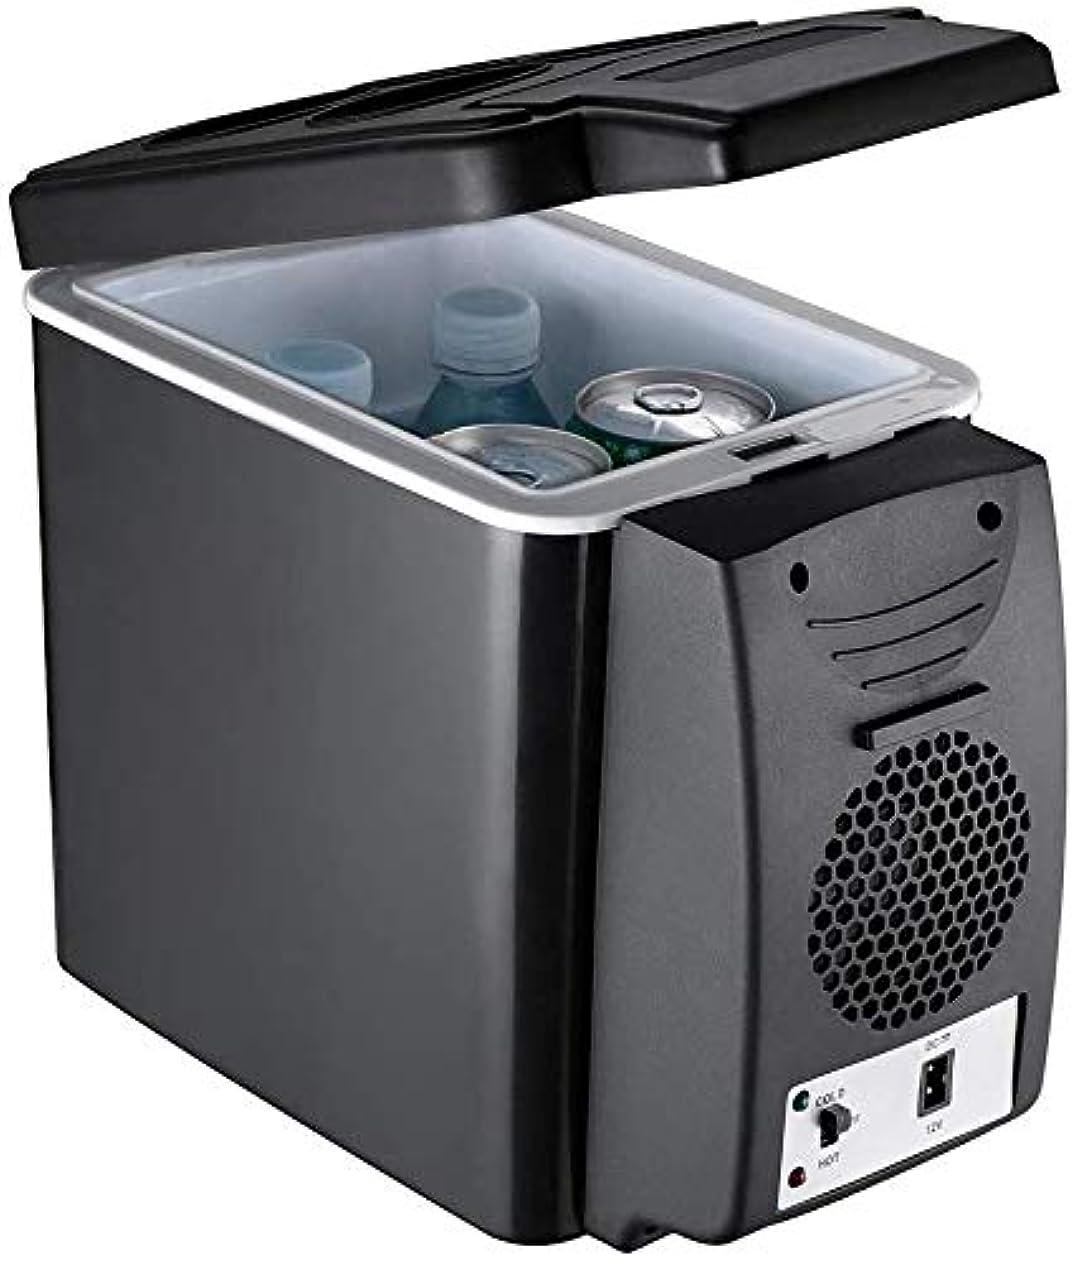 安全でないバースト秋ポータブル 冷凍庫 冷蔵庫 大 容量 冷凍 デュアルユース 冷蔵庫 コンパクト 冷蔵庫、 ために トラック、 ヴァン、 RVロード 旅行、 アウトドア、 キャンプ、 ピクニック,12v Car+24v Truck